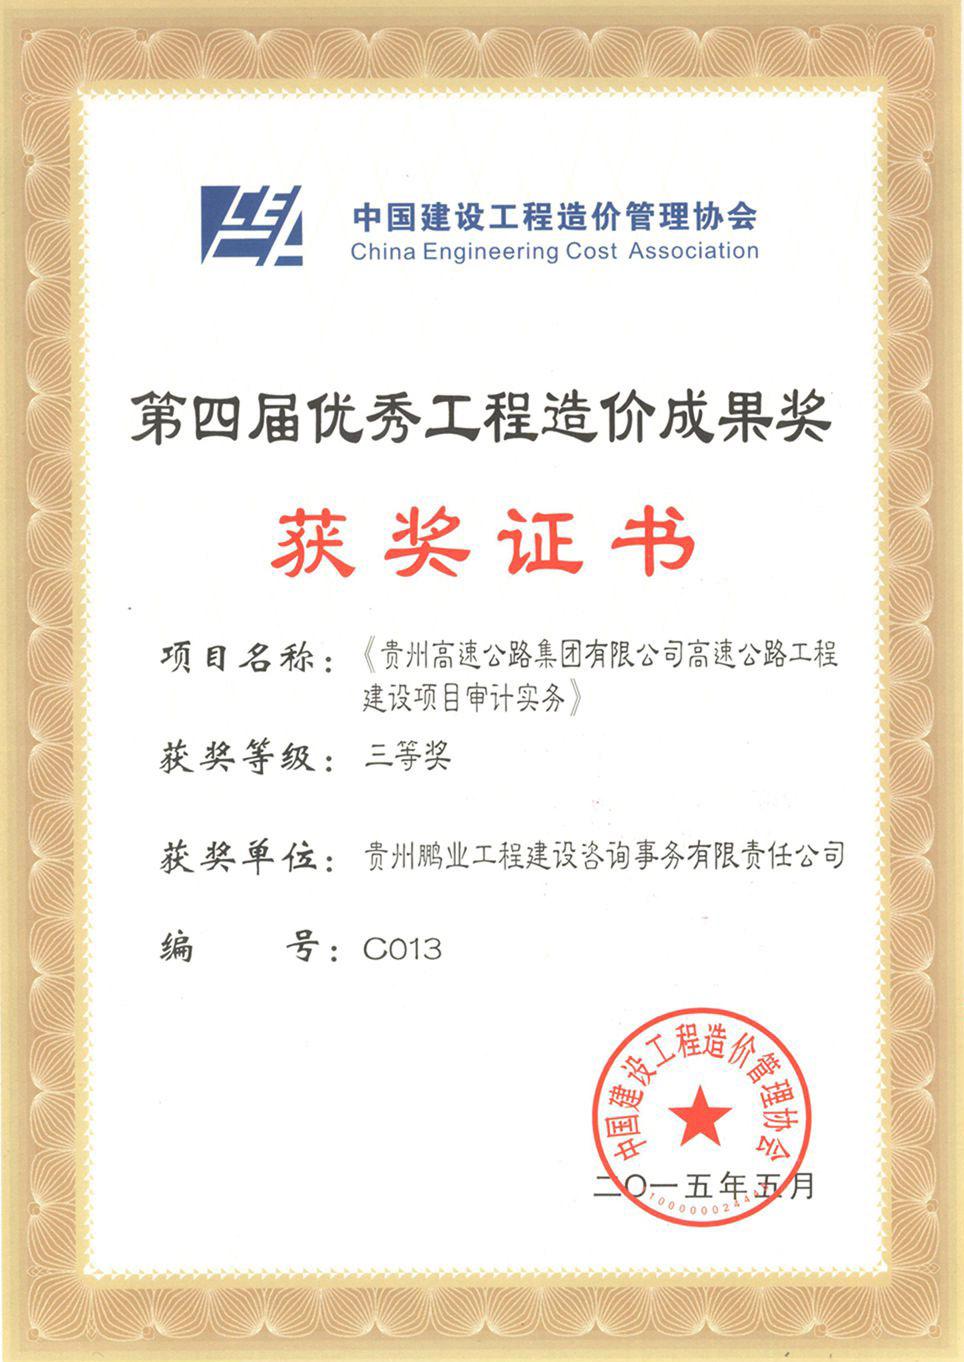 获得中国工程造价协会颁发的第四届工程造价优秀成果三等奖